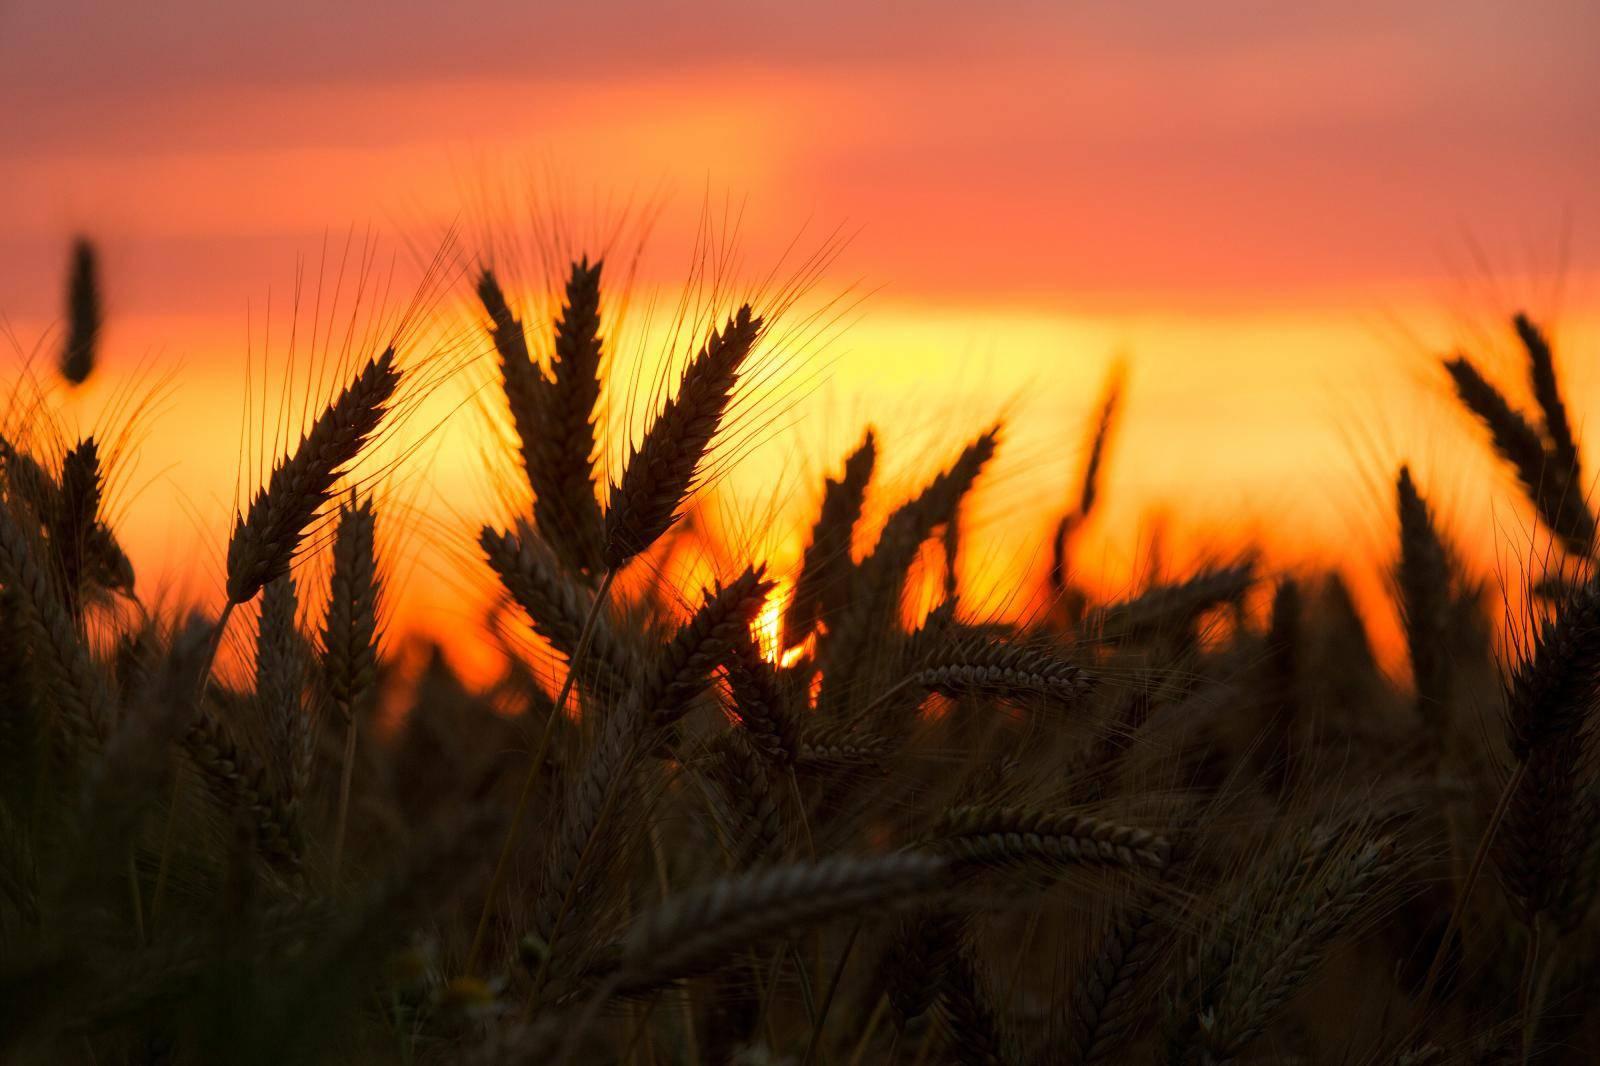 Osijek: Zalazak sunca u slavonskom polju ječma